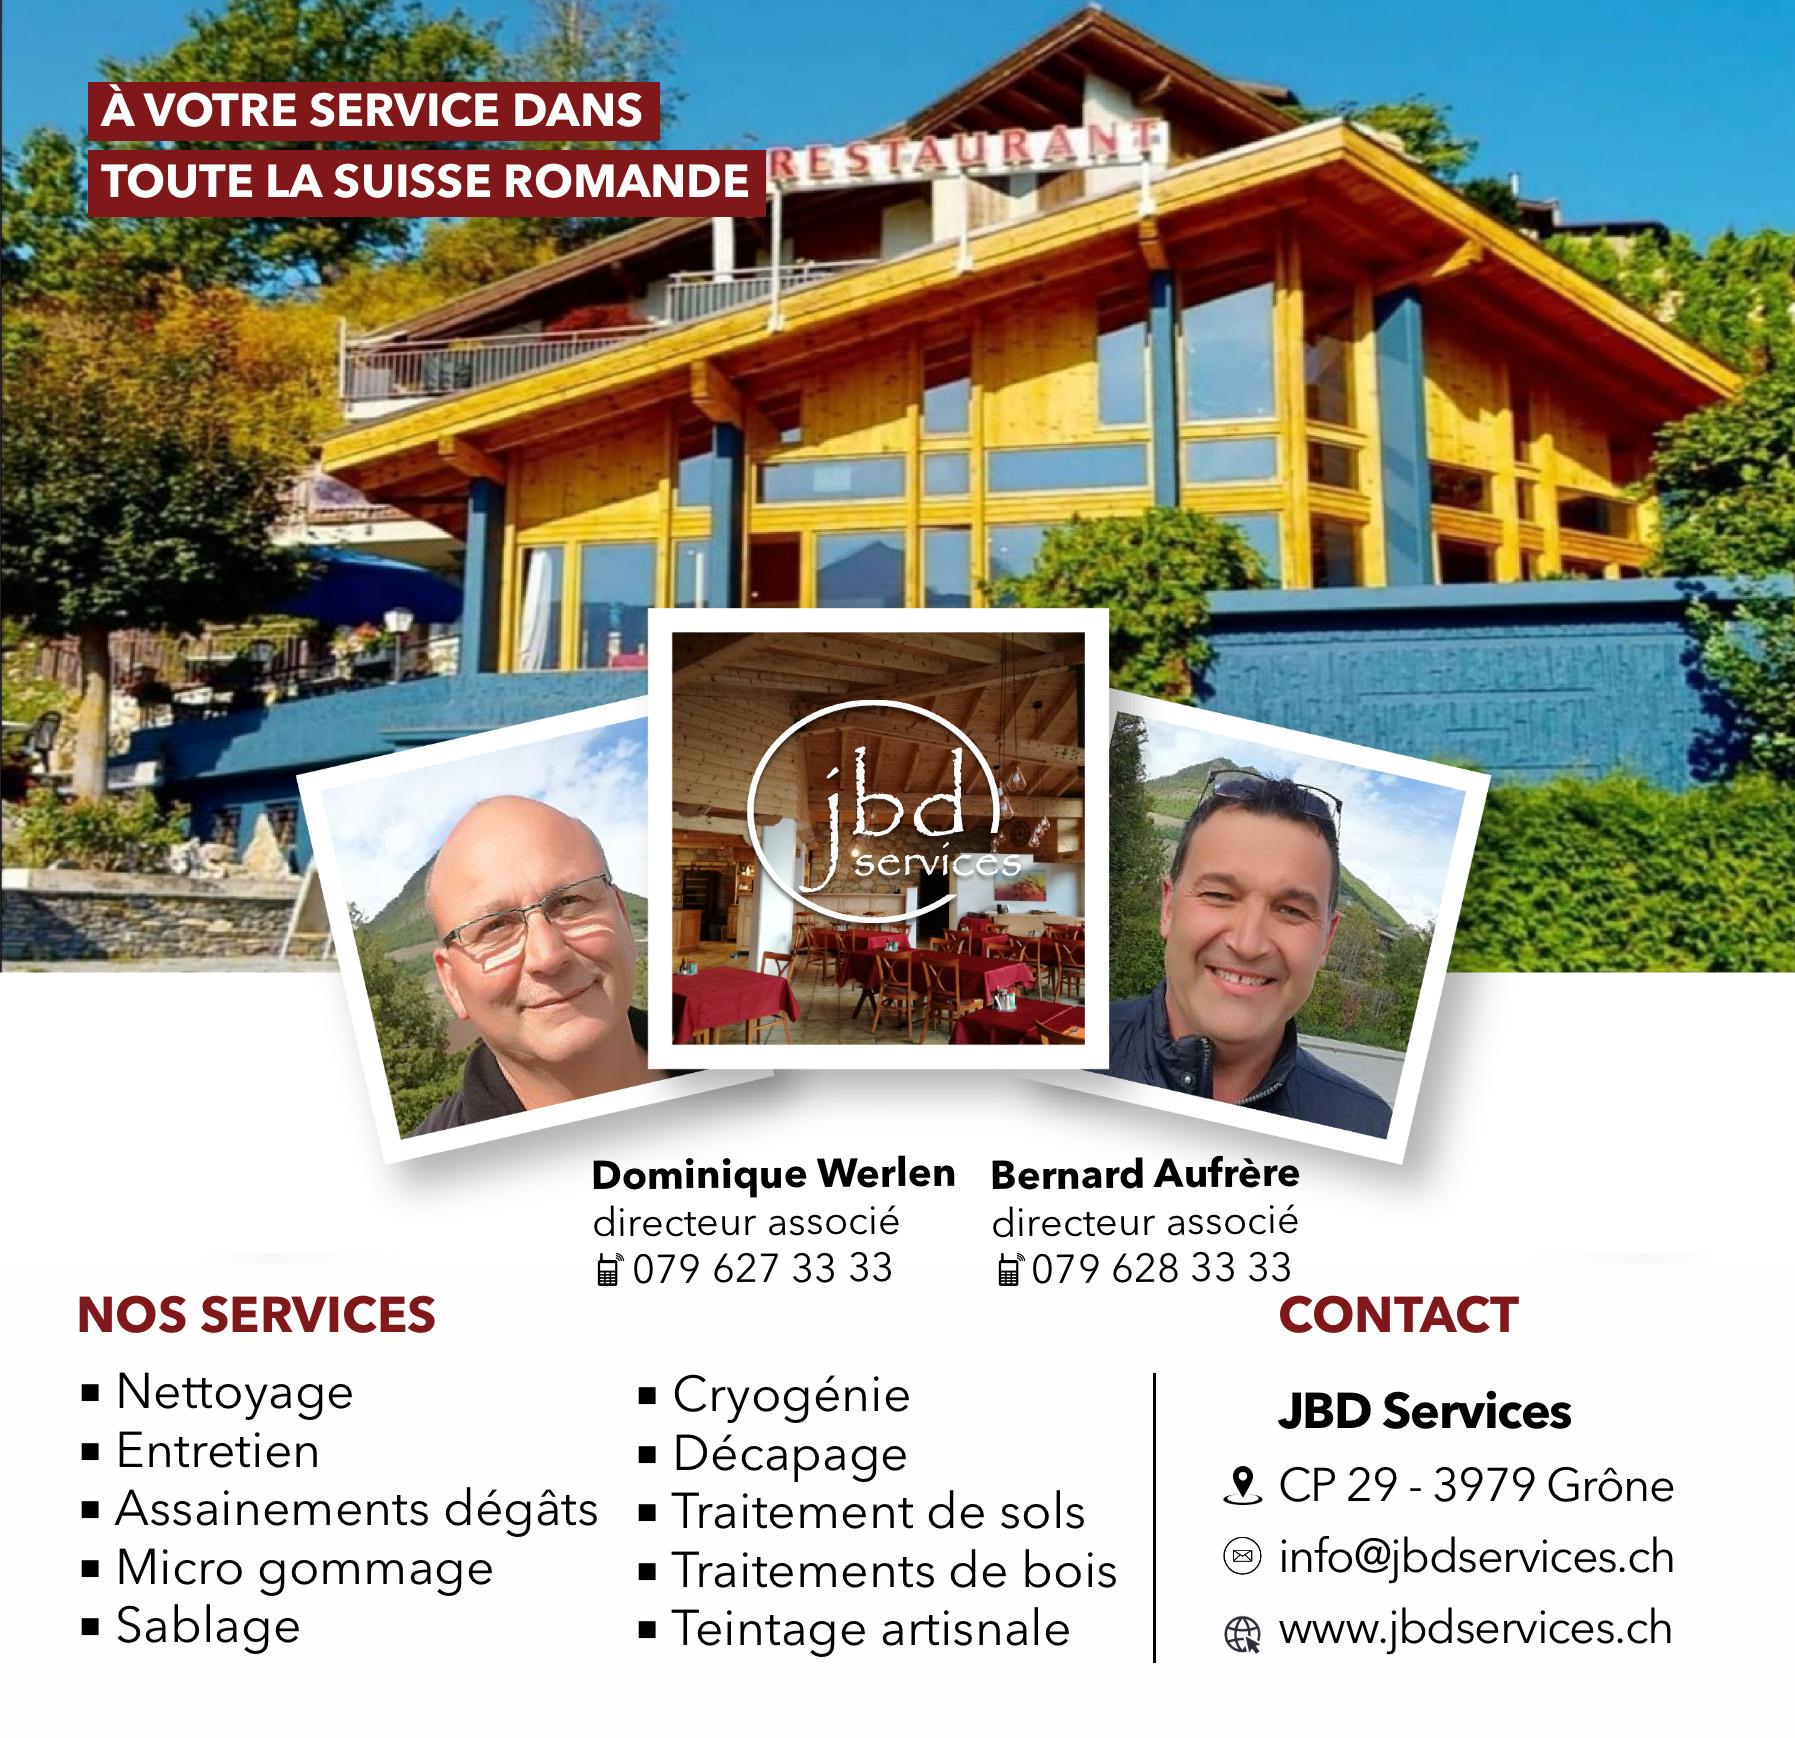 jbd services